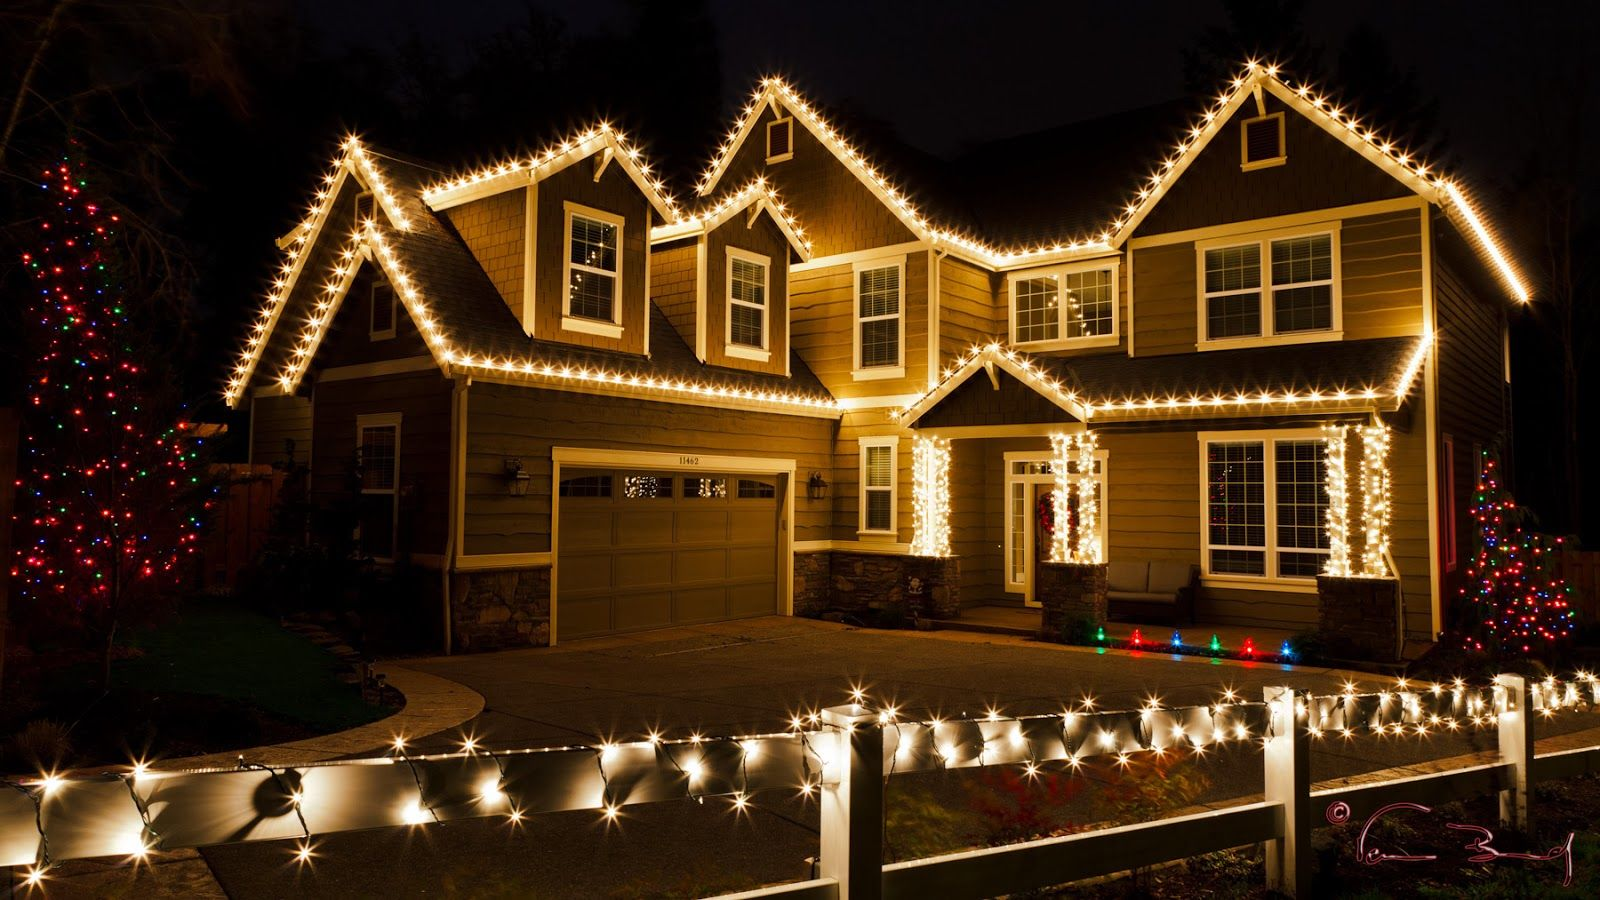 casas de navidad con luces Luces de navidad, Colgar